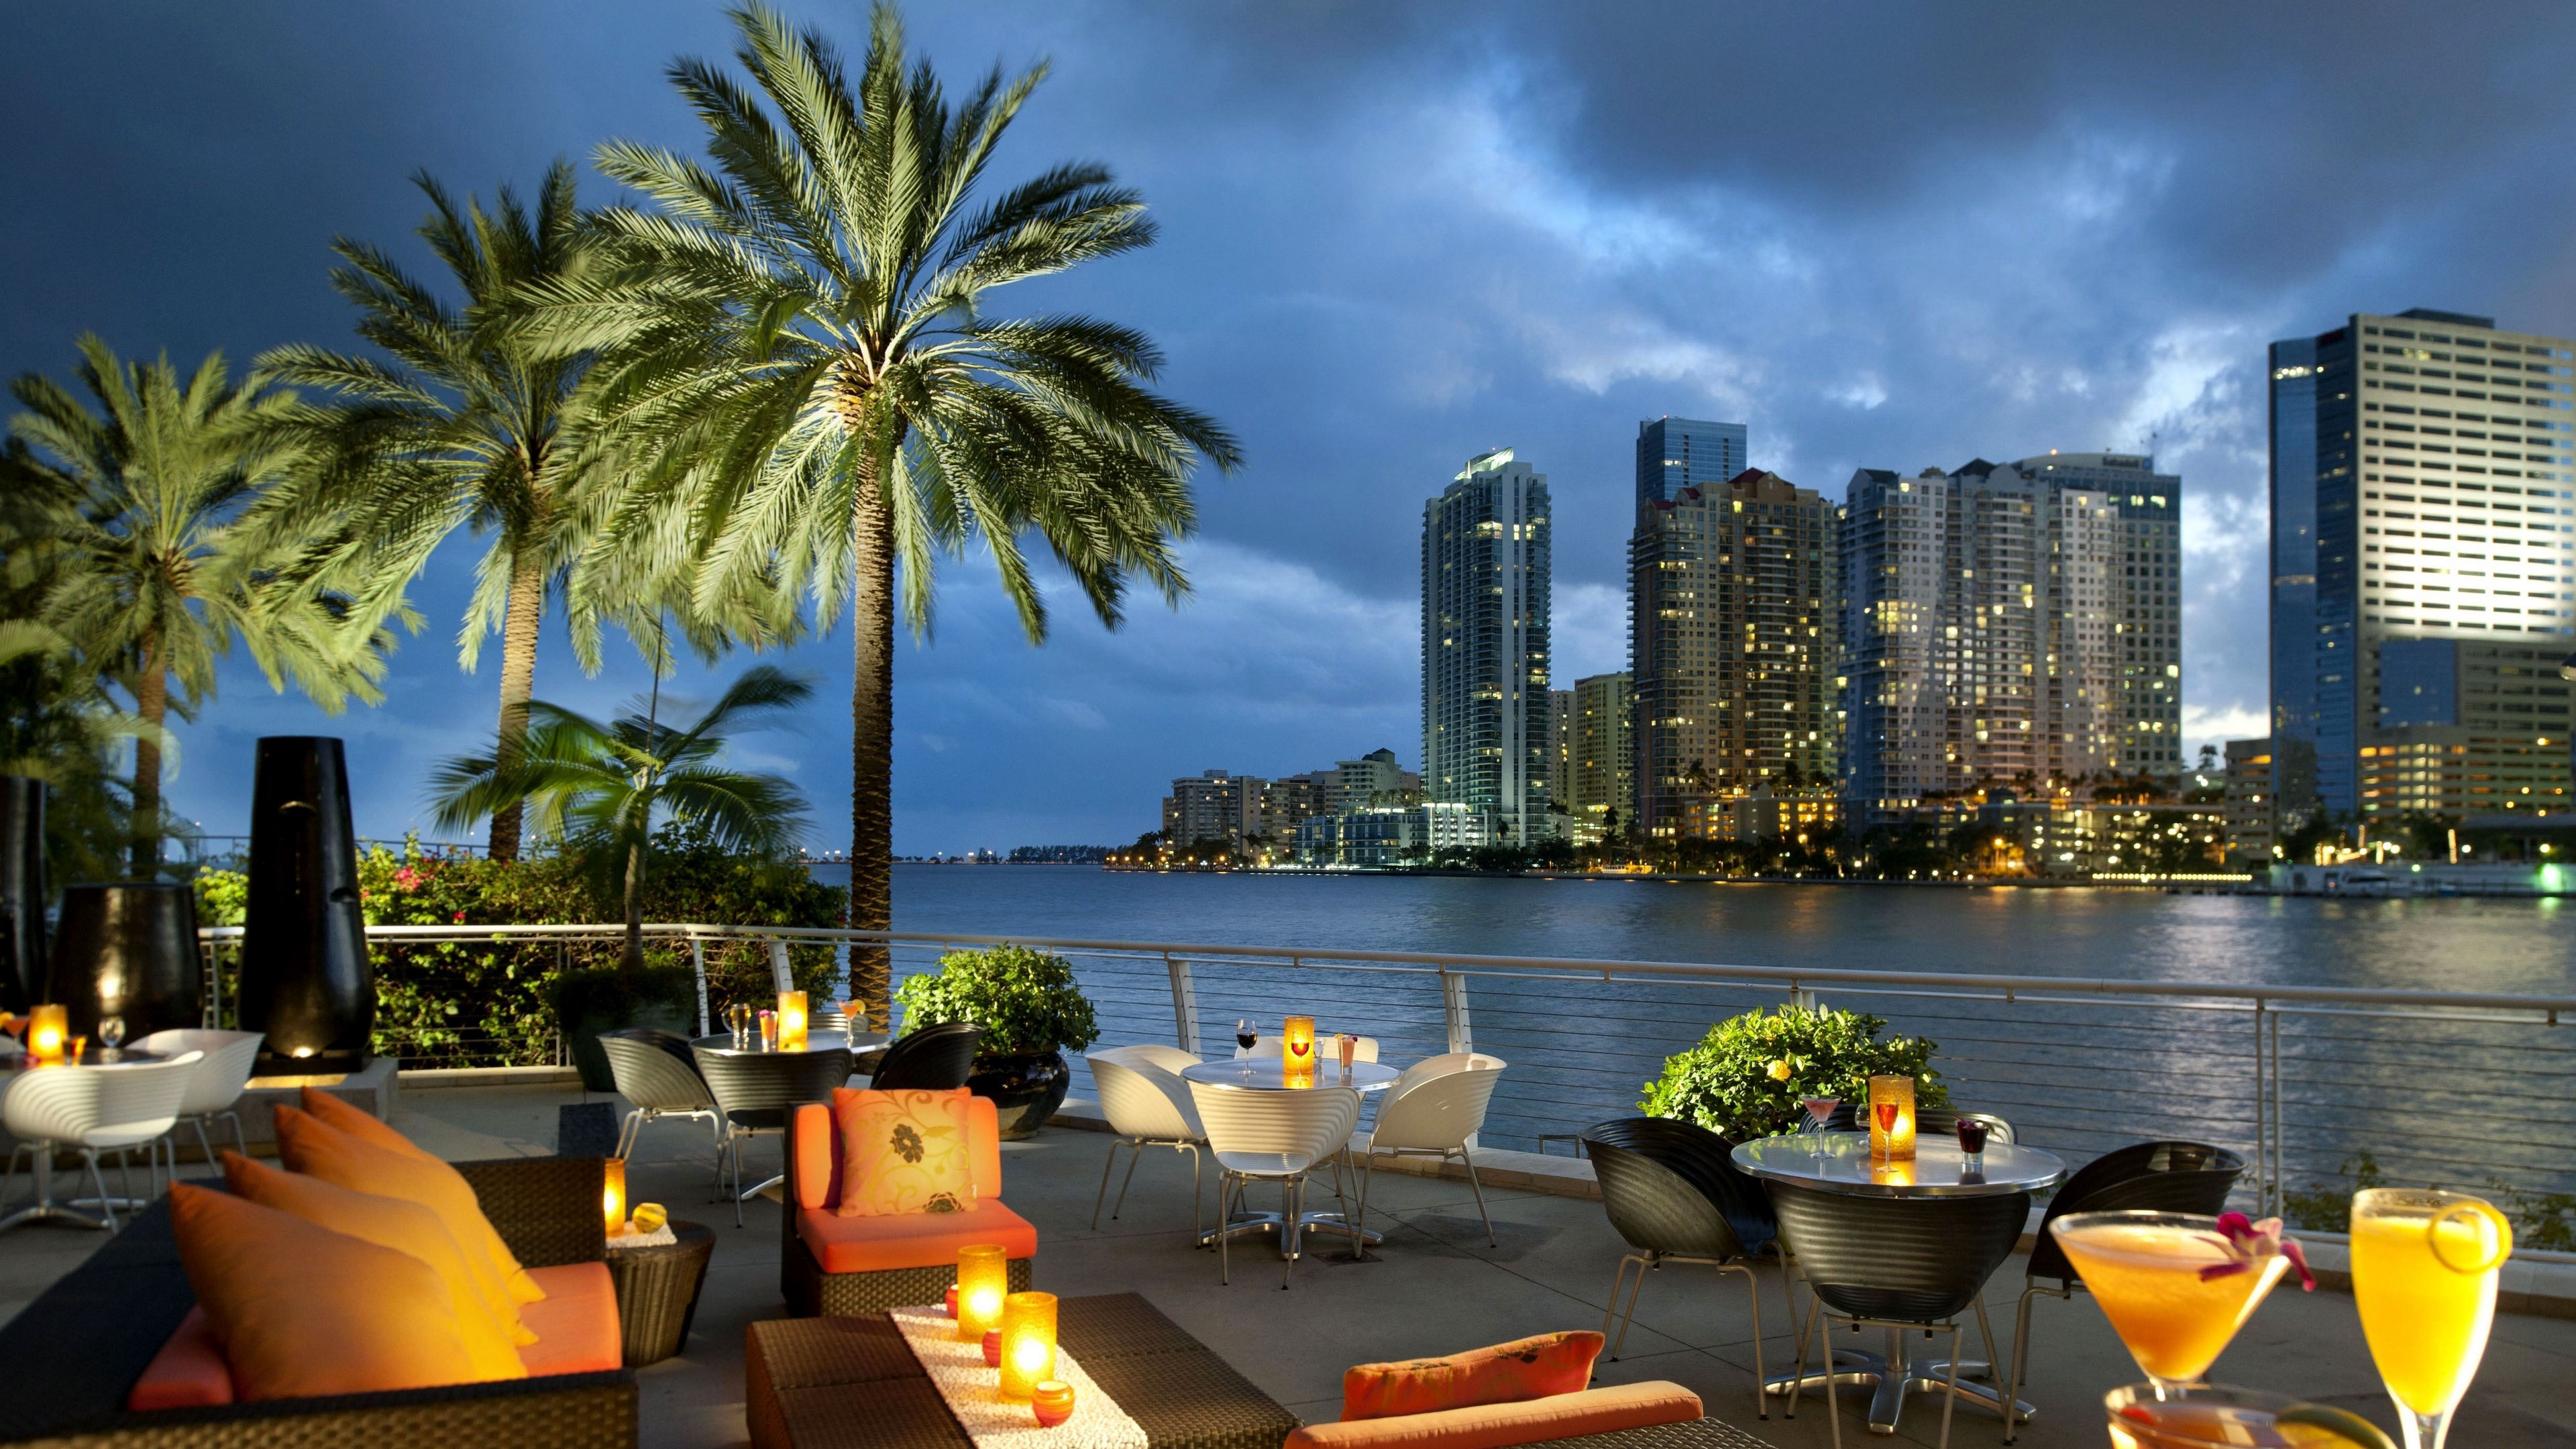 miami florida usa city ocean bay coffee palm trees tables 4k 1538068761 - miami, florida, usa, city, ocean, bay, coffee, palm trees, tables 4k - USA, Miami, florida